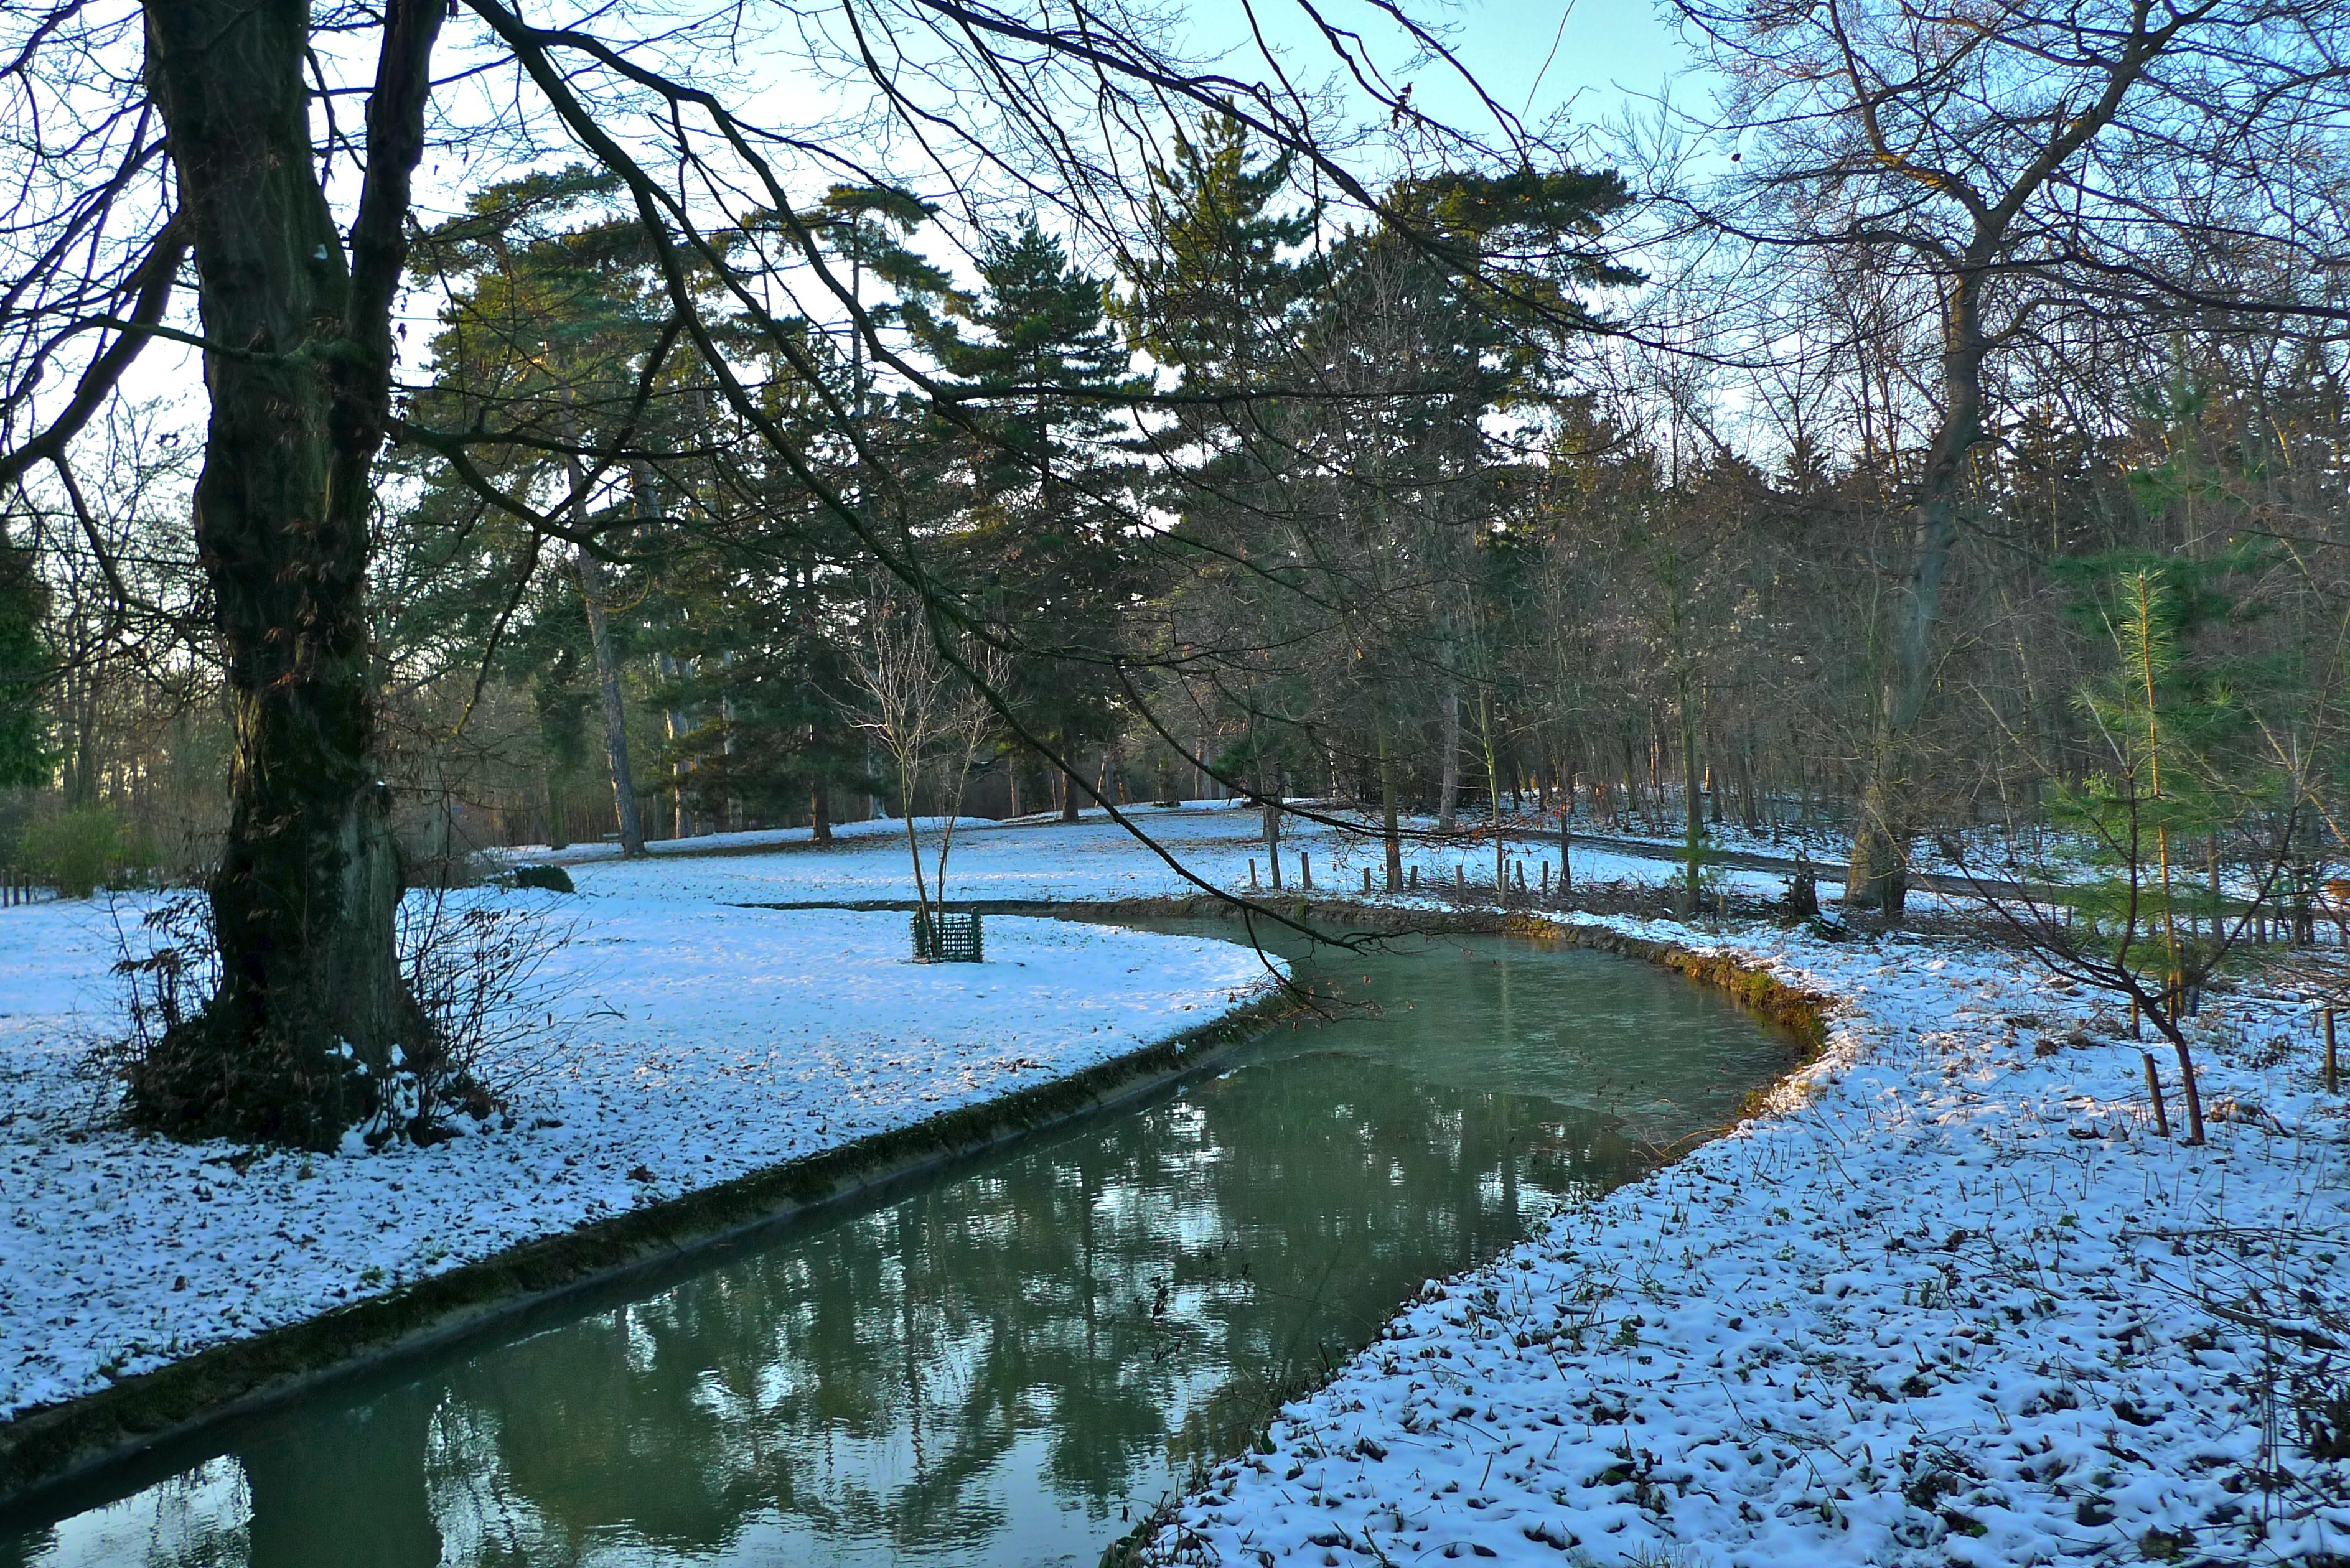 Image Bois De Boulogne : Christmas Day in the Bois de Boulogne Soundlandscapes' Blog